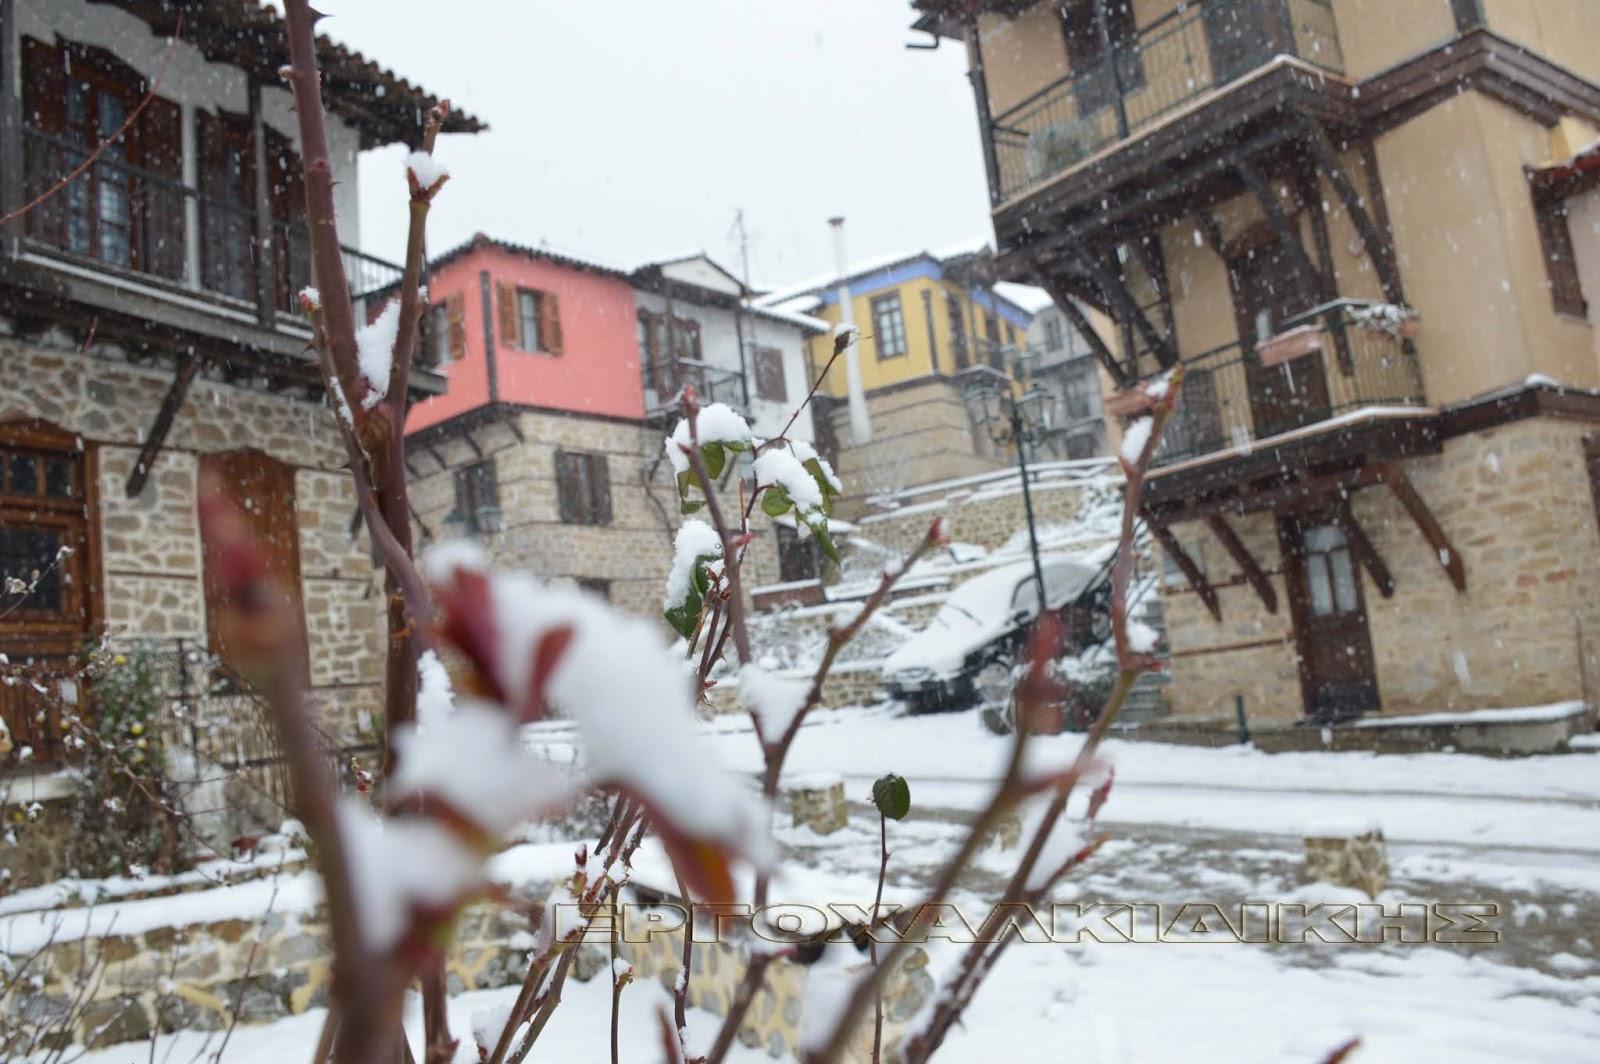 Ζηνοβία: Ψυχρή εισβολή θα προκαλέσει κακοκαιρία με αμιγώς χειμερινά χαρακτηριστικά από το Σάββατο 28/12